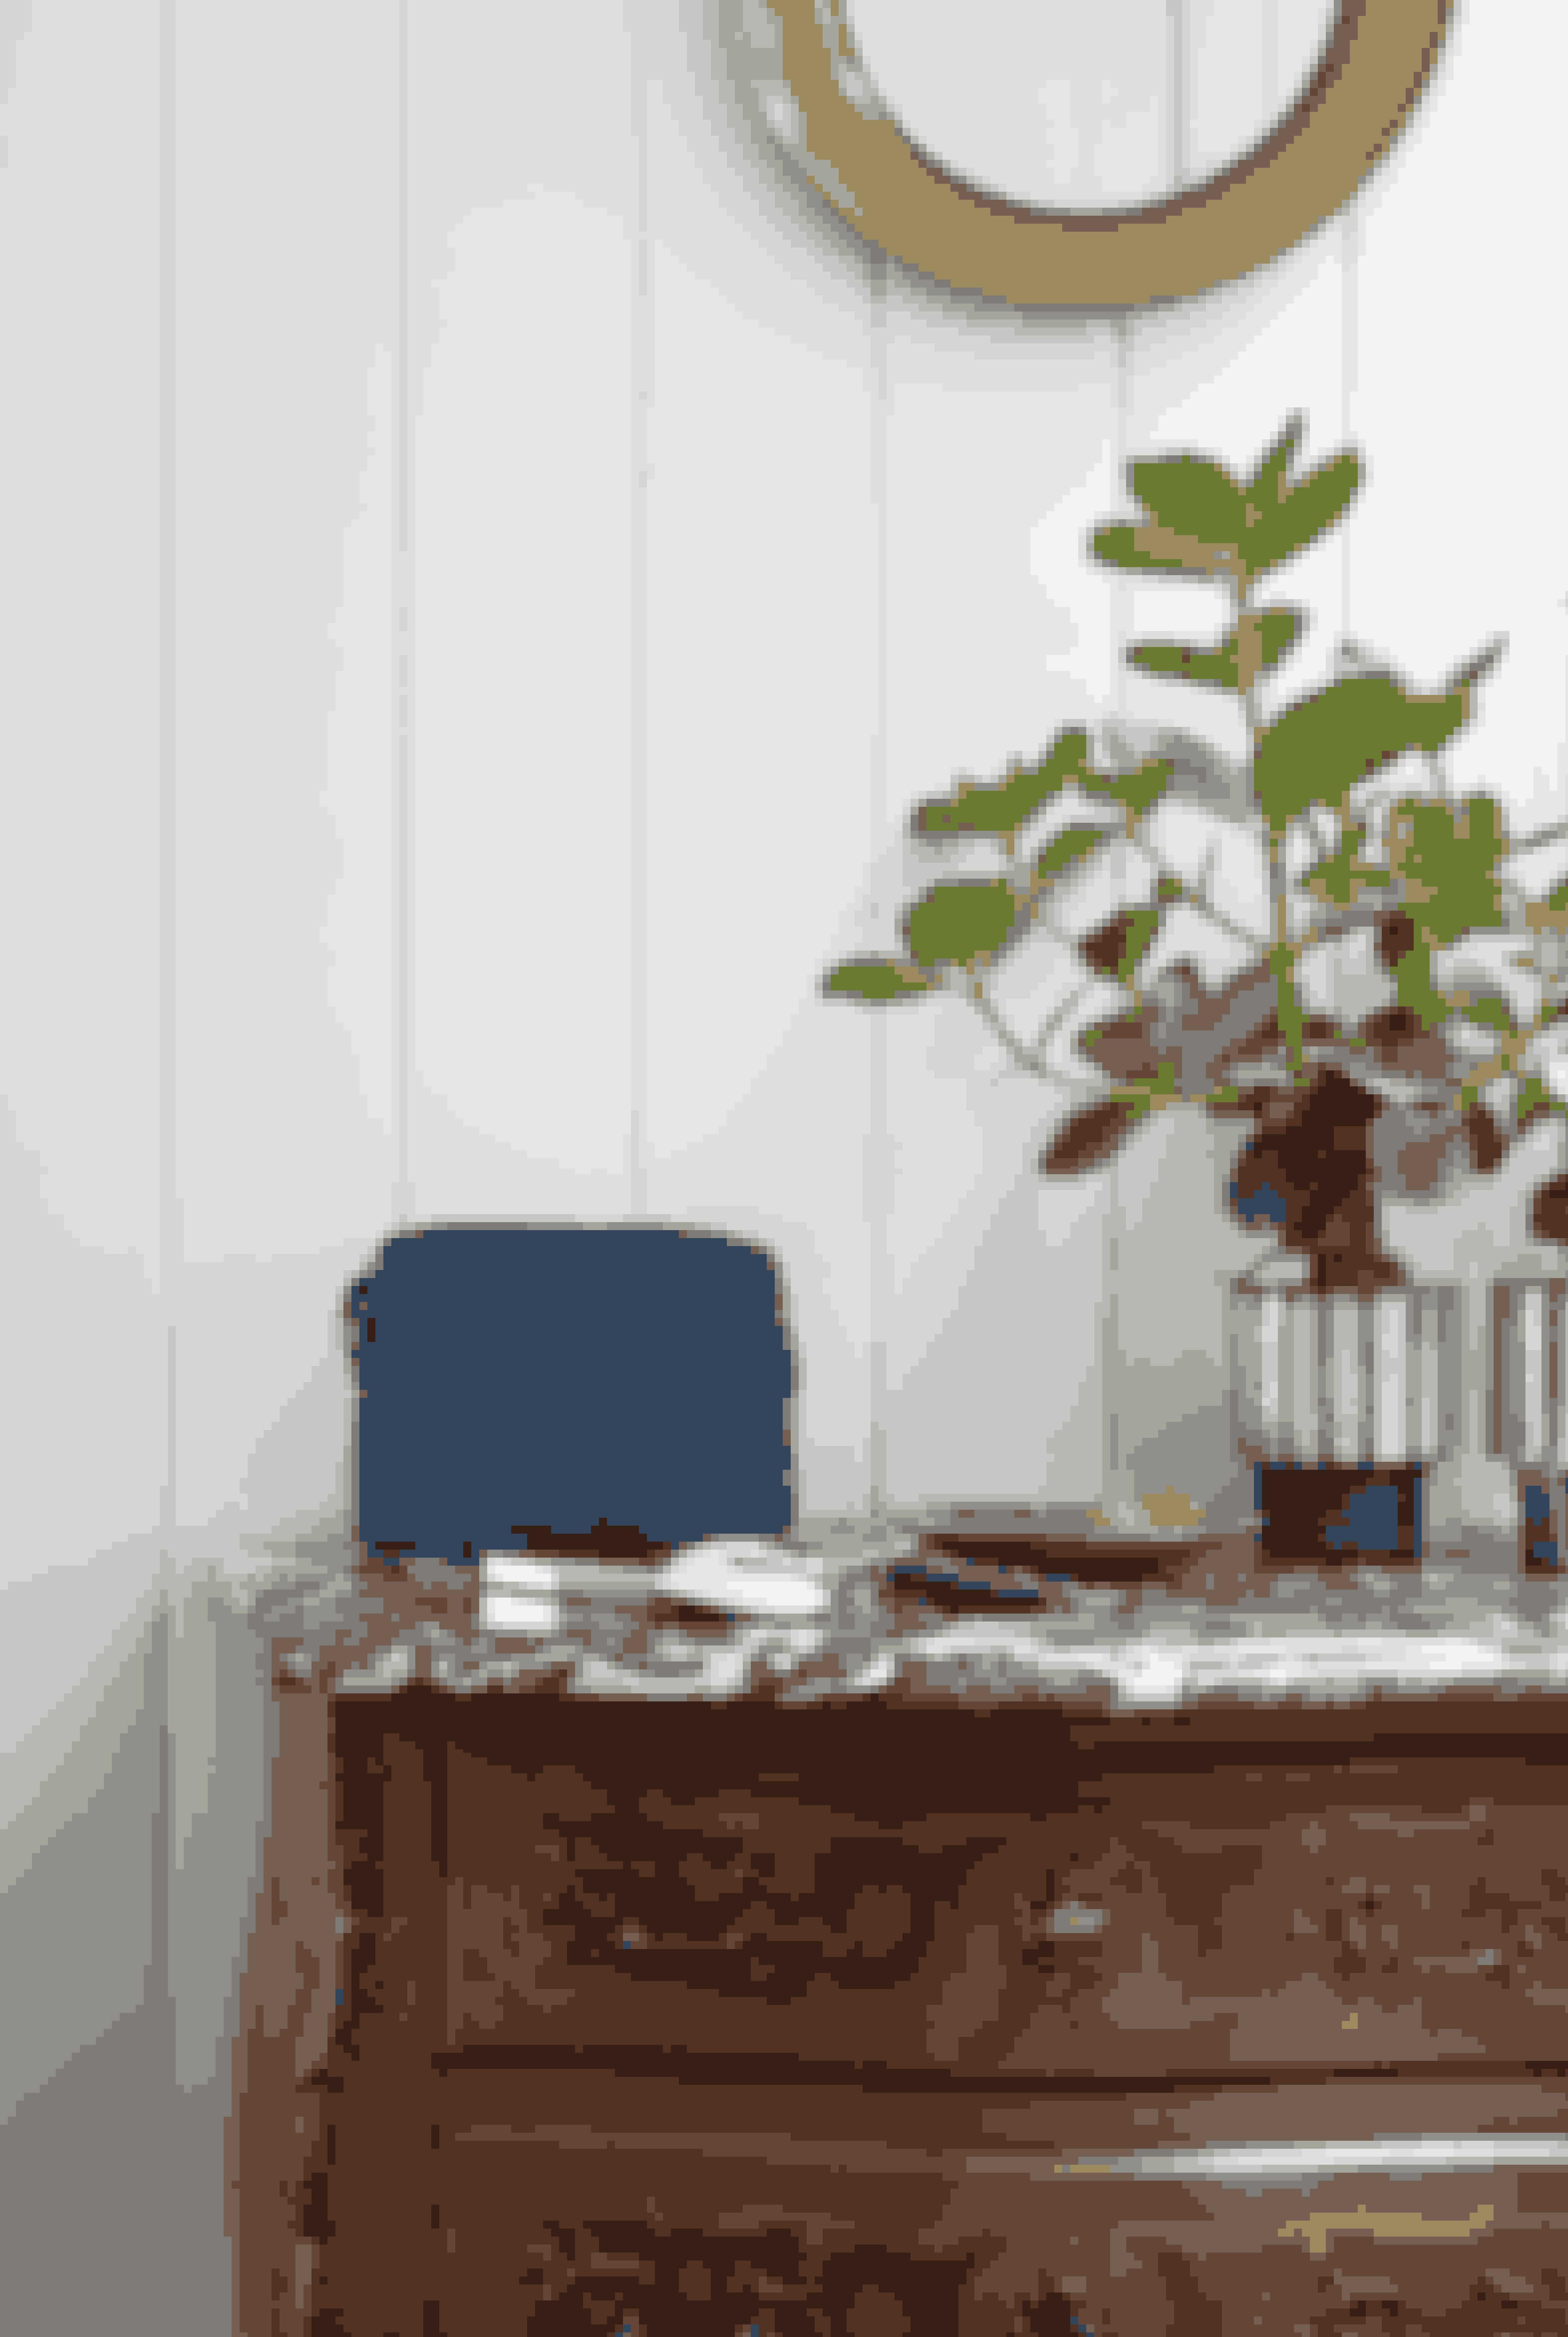 Barokkommoden i entreen, der er fundet på Lauritz.com, er en af de ting, Karina har købt, fordi den var 'grim' og altså stikker af ift. det øvrige klassiske interiør. Den blå ruskindsmakeuppung er fra Decadent, og urtepotteskjulerne er købt i Istanbul, hvor hun ofte rejser til, fordi det er der, Decadent-taskerne bliver produceret.